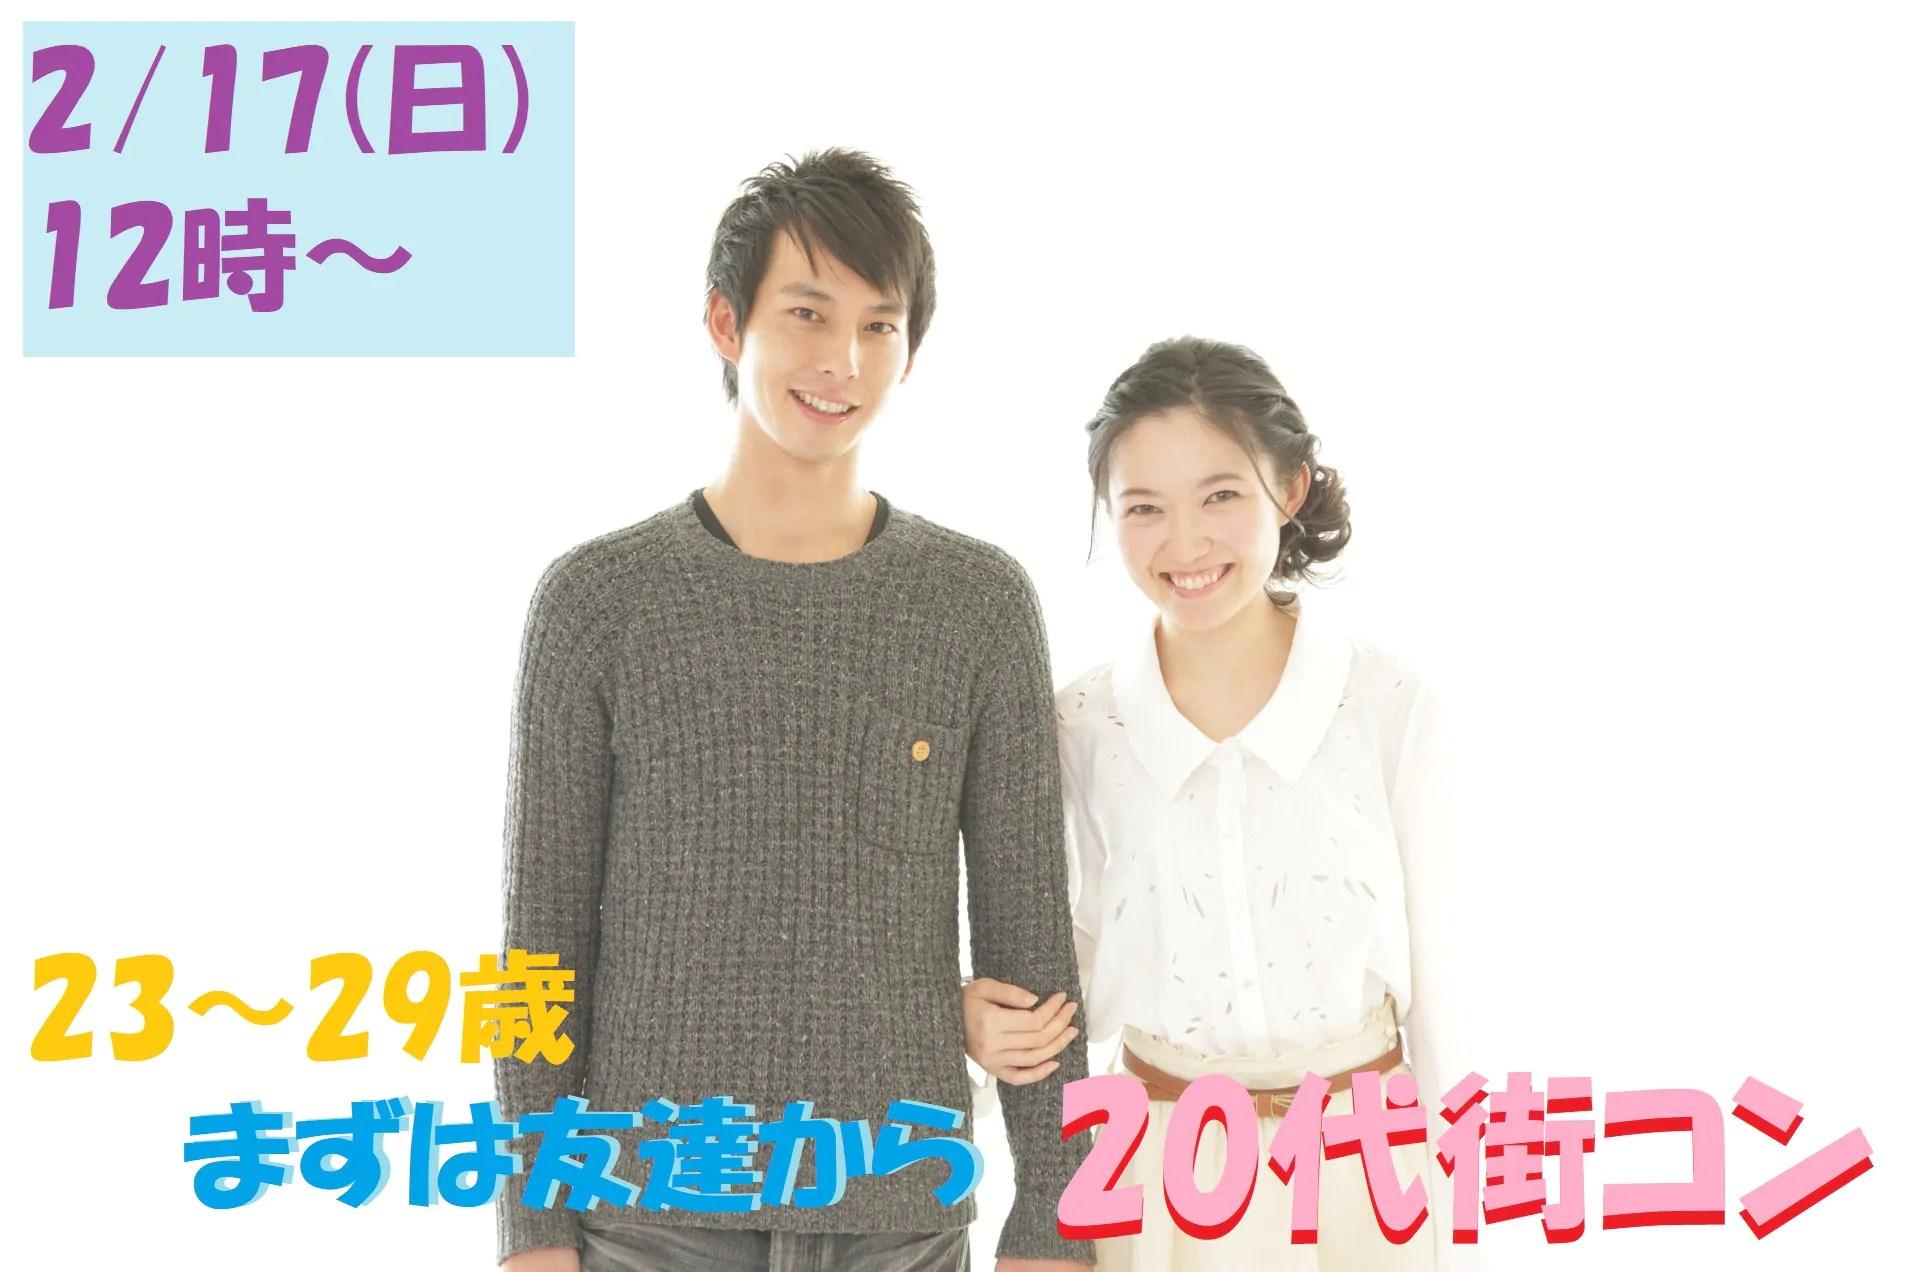 【終了】2月17日(日)12時~【23~29歳】まずは友達から!20代街コン!